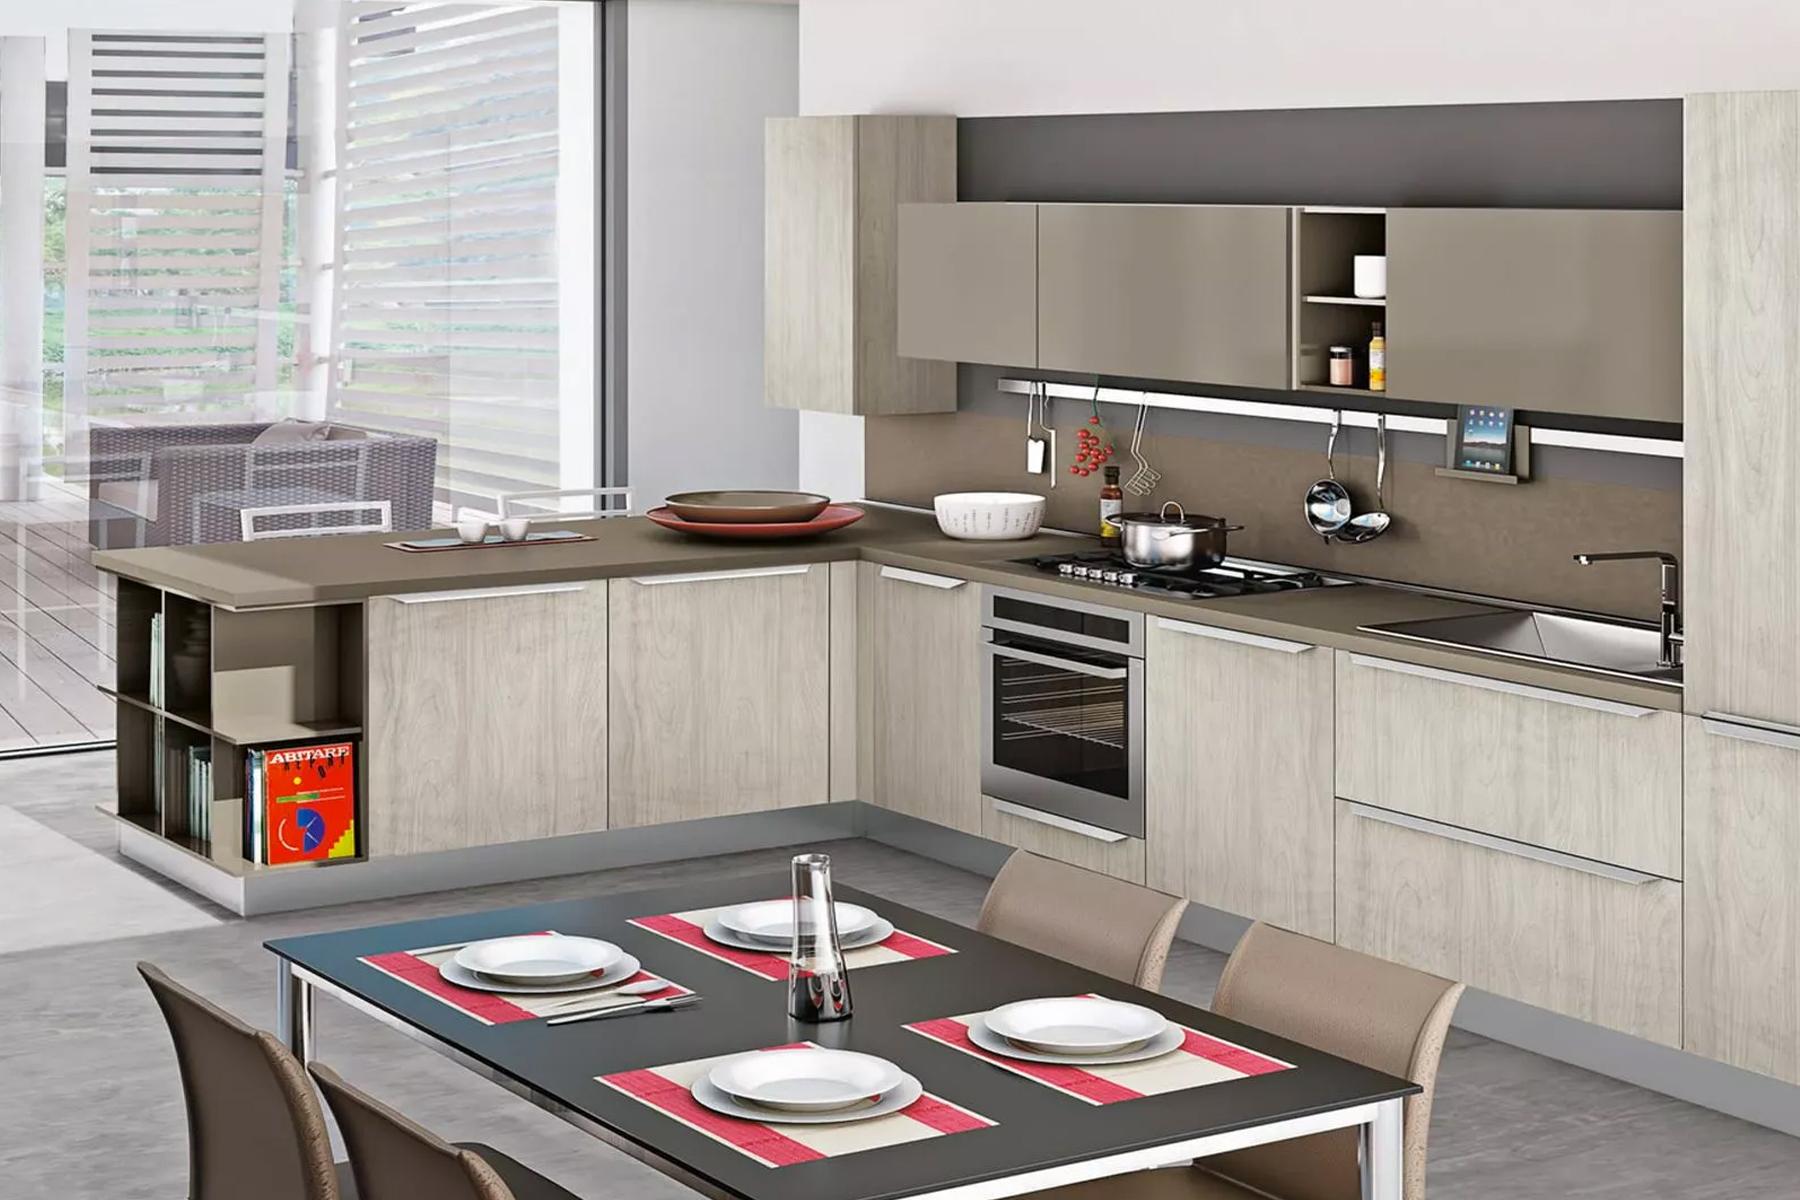 Cucine Componibili Con Angolo cucina ad angolo, le nostre idee per ottimizzare il vostro